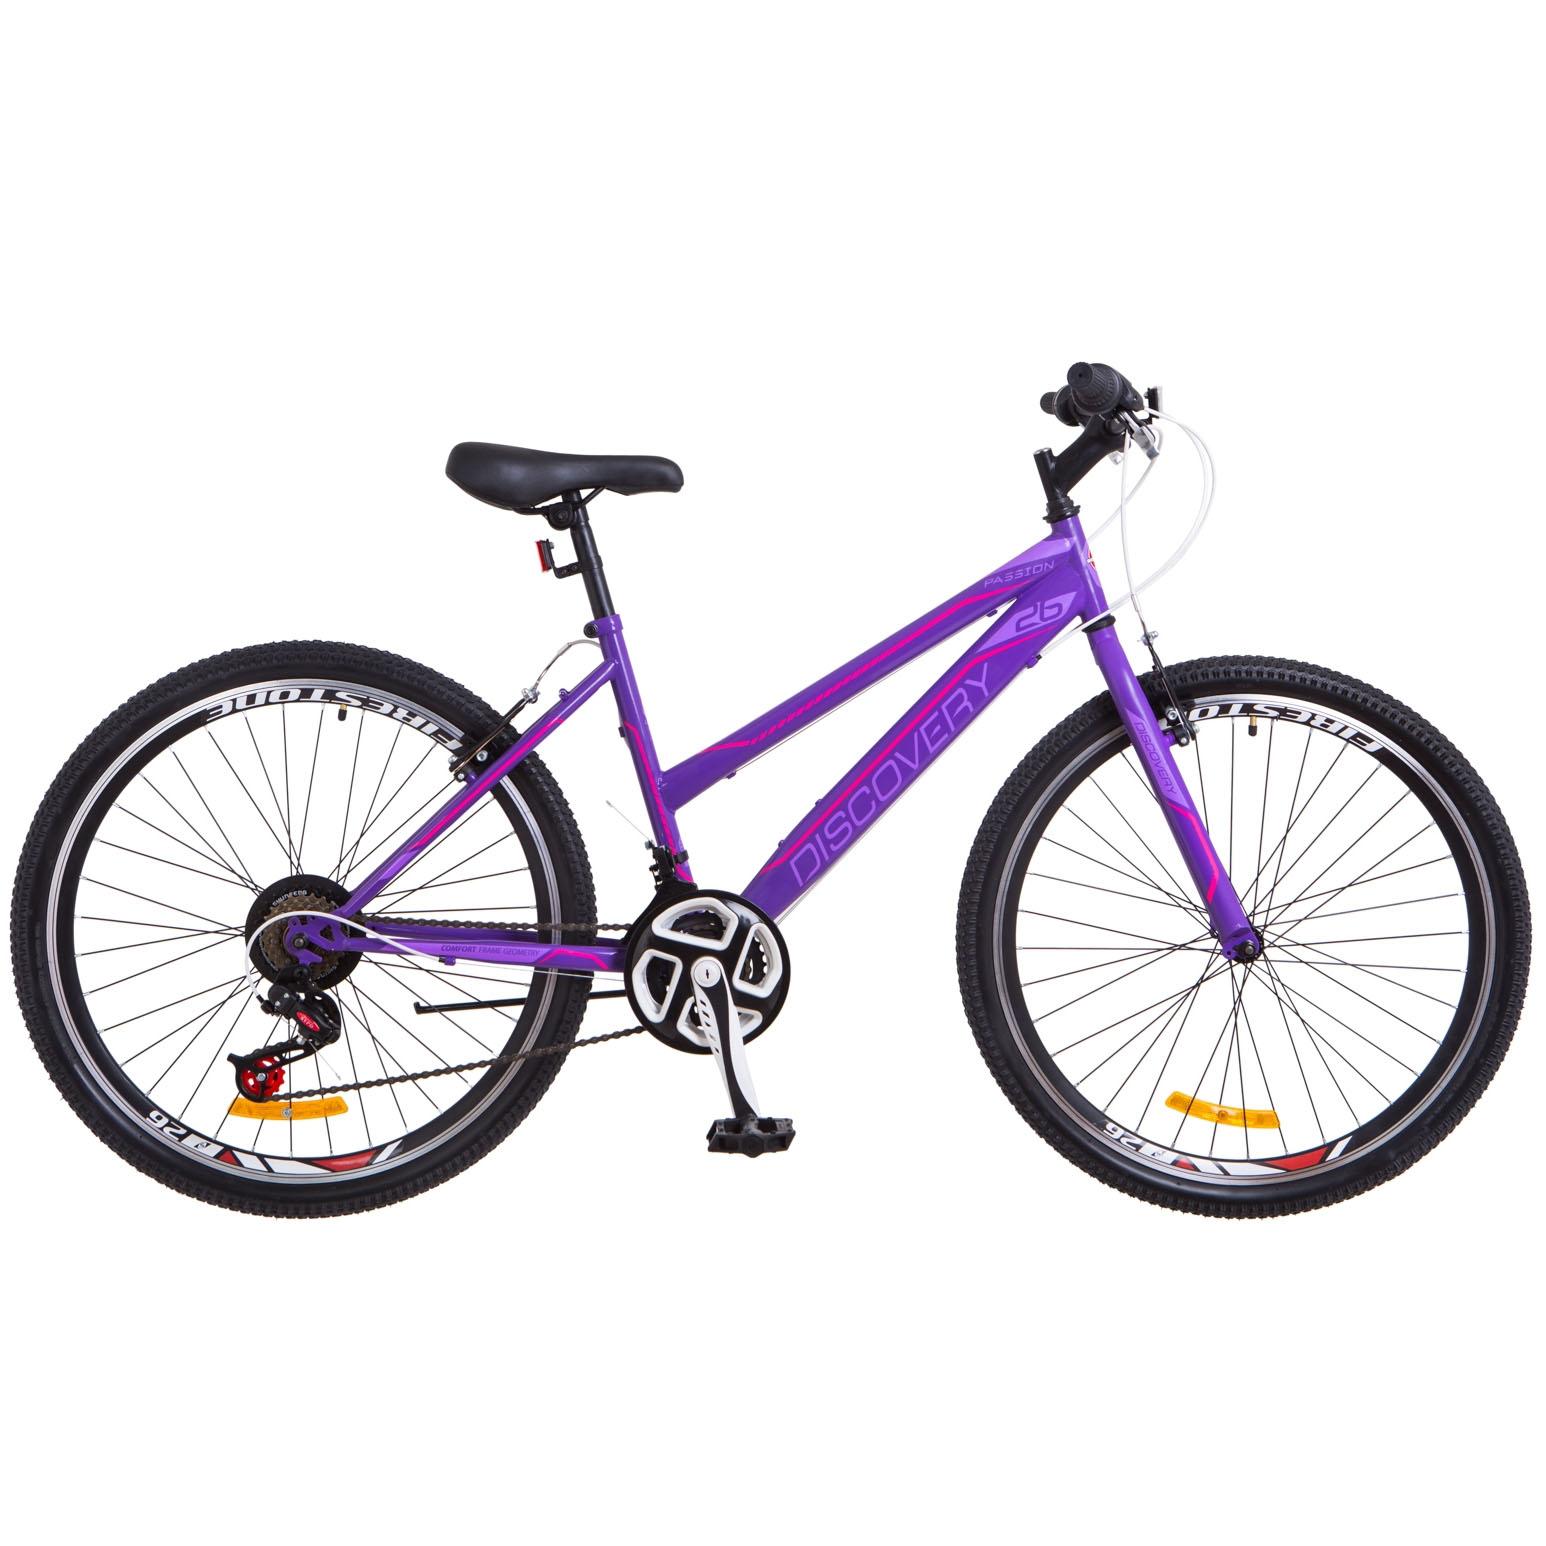 Фото Женский Велосипед 26 Discovery PASSION фиолетовый 2018